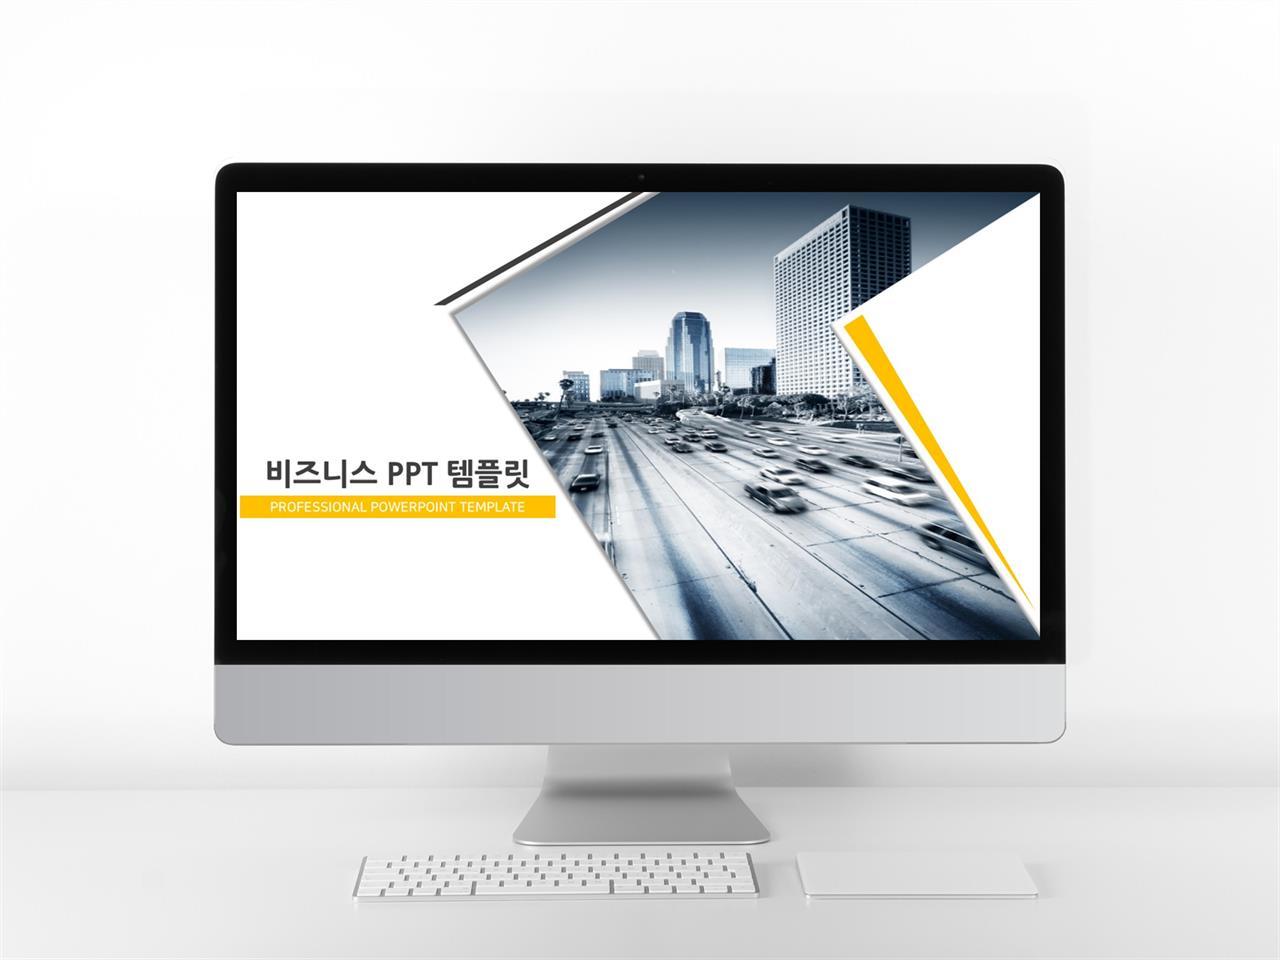 비즈니스 노란색 폼나는 다양한 주제에 어울리는 파워포인트템플릿 디자인 미리보기